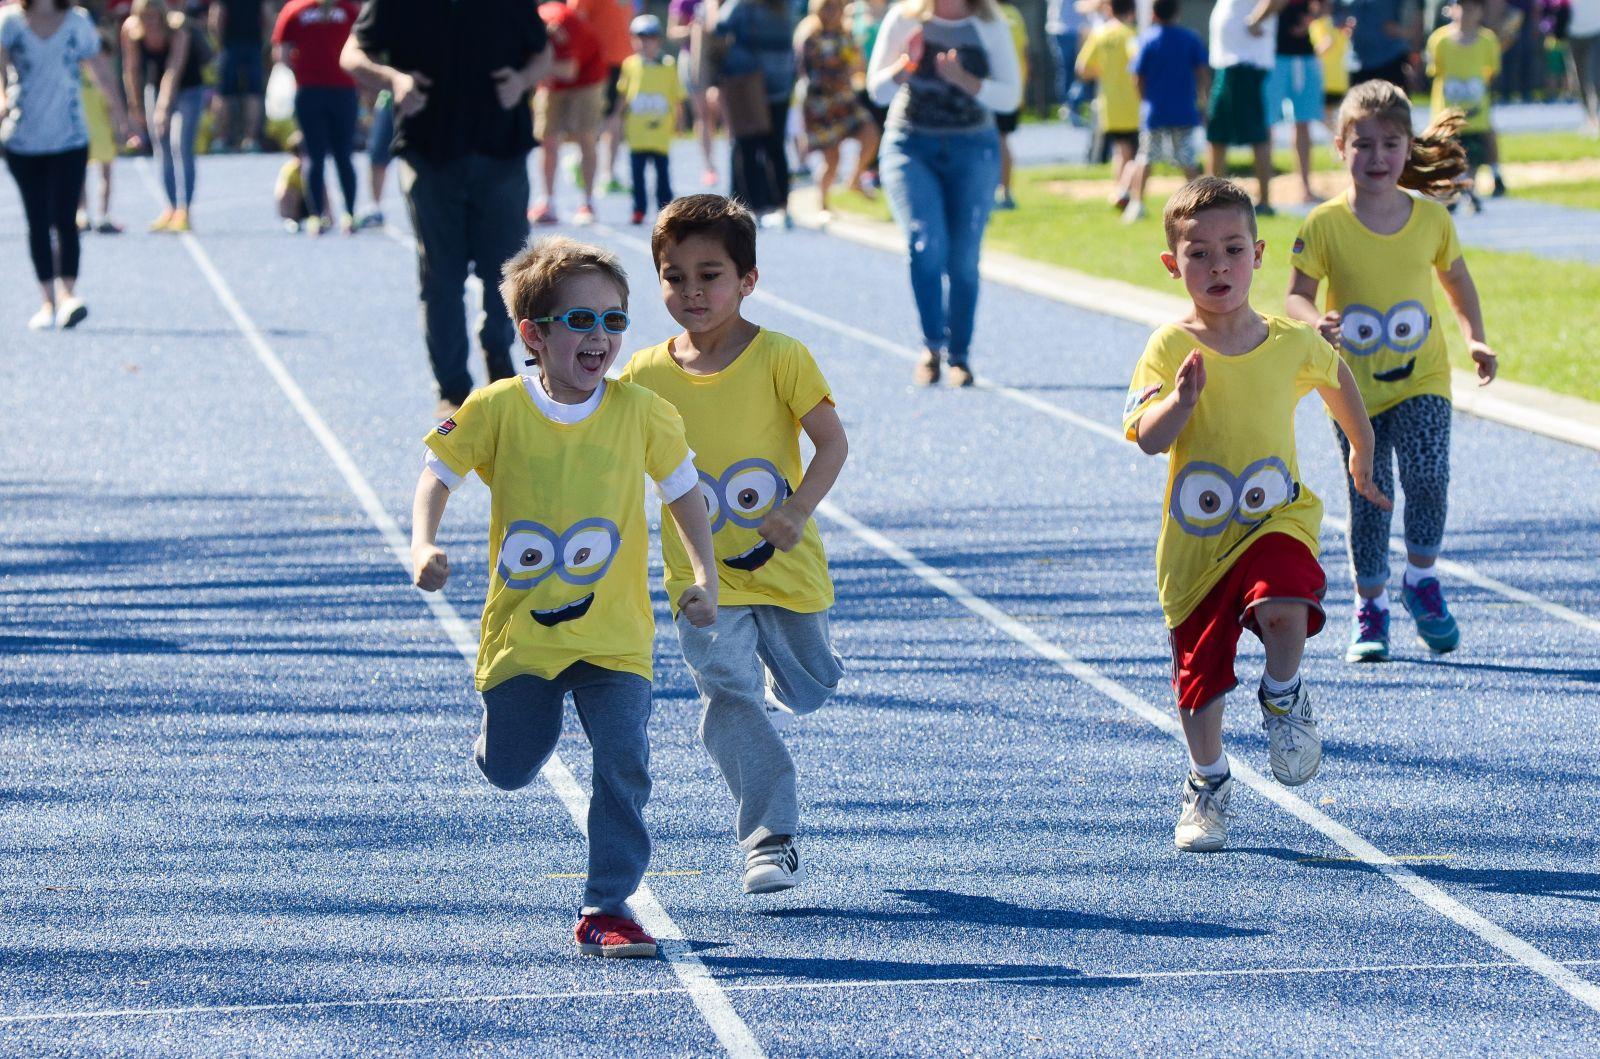 Corrida Kids serve para incentivar a prática esportiva entre as crianças